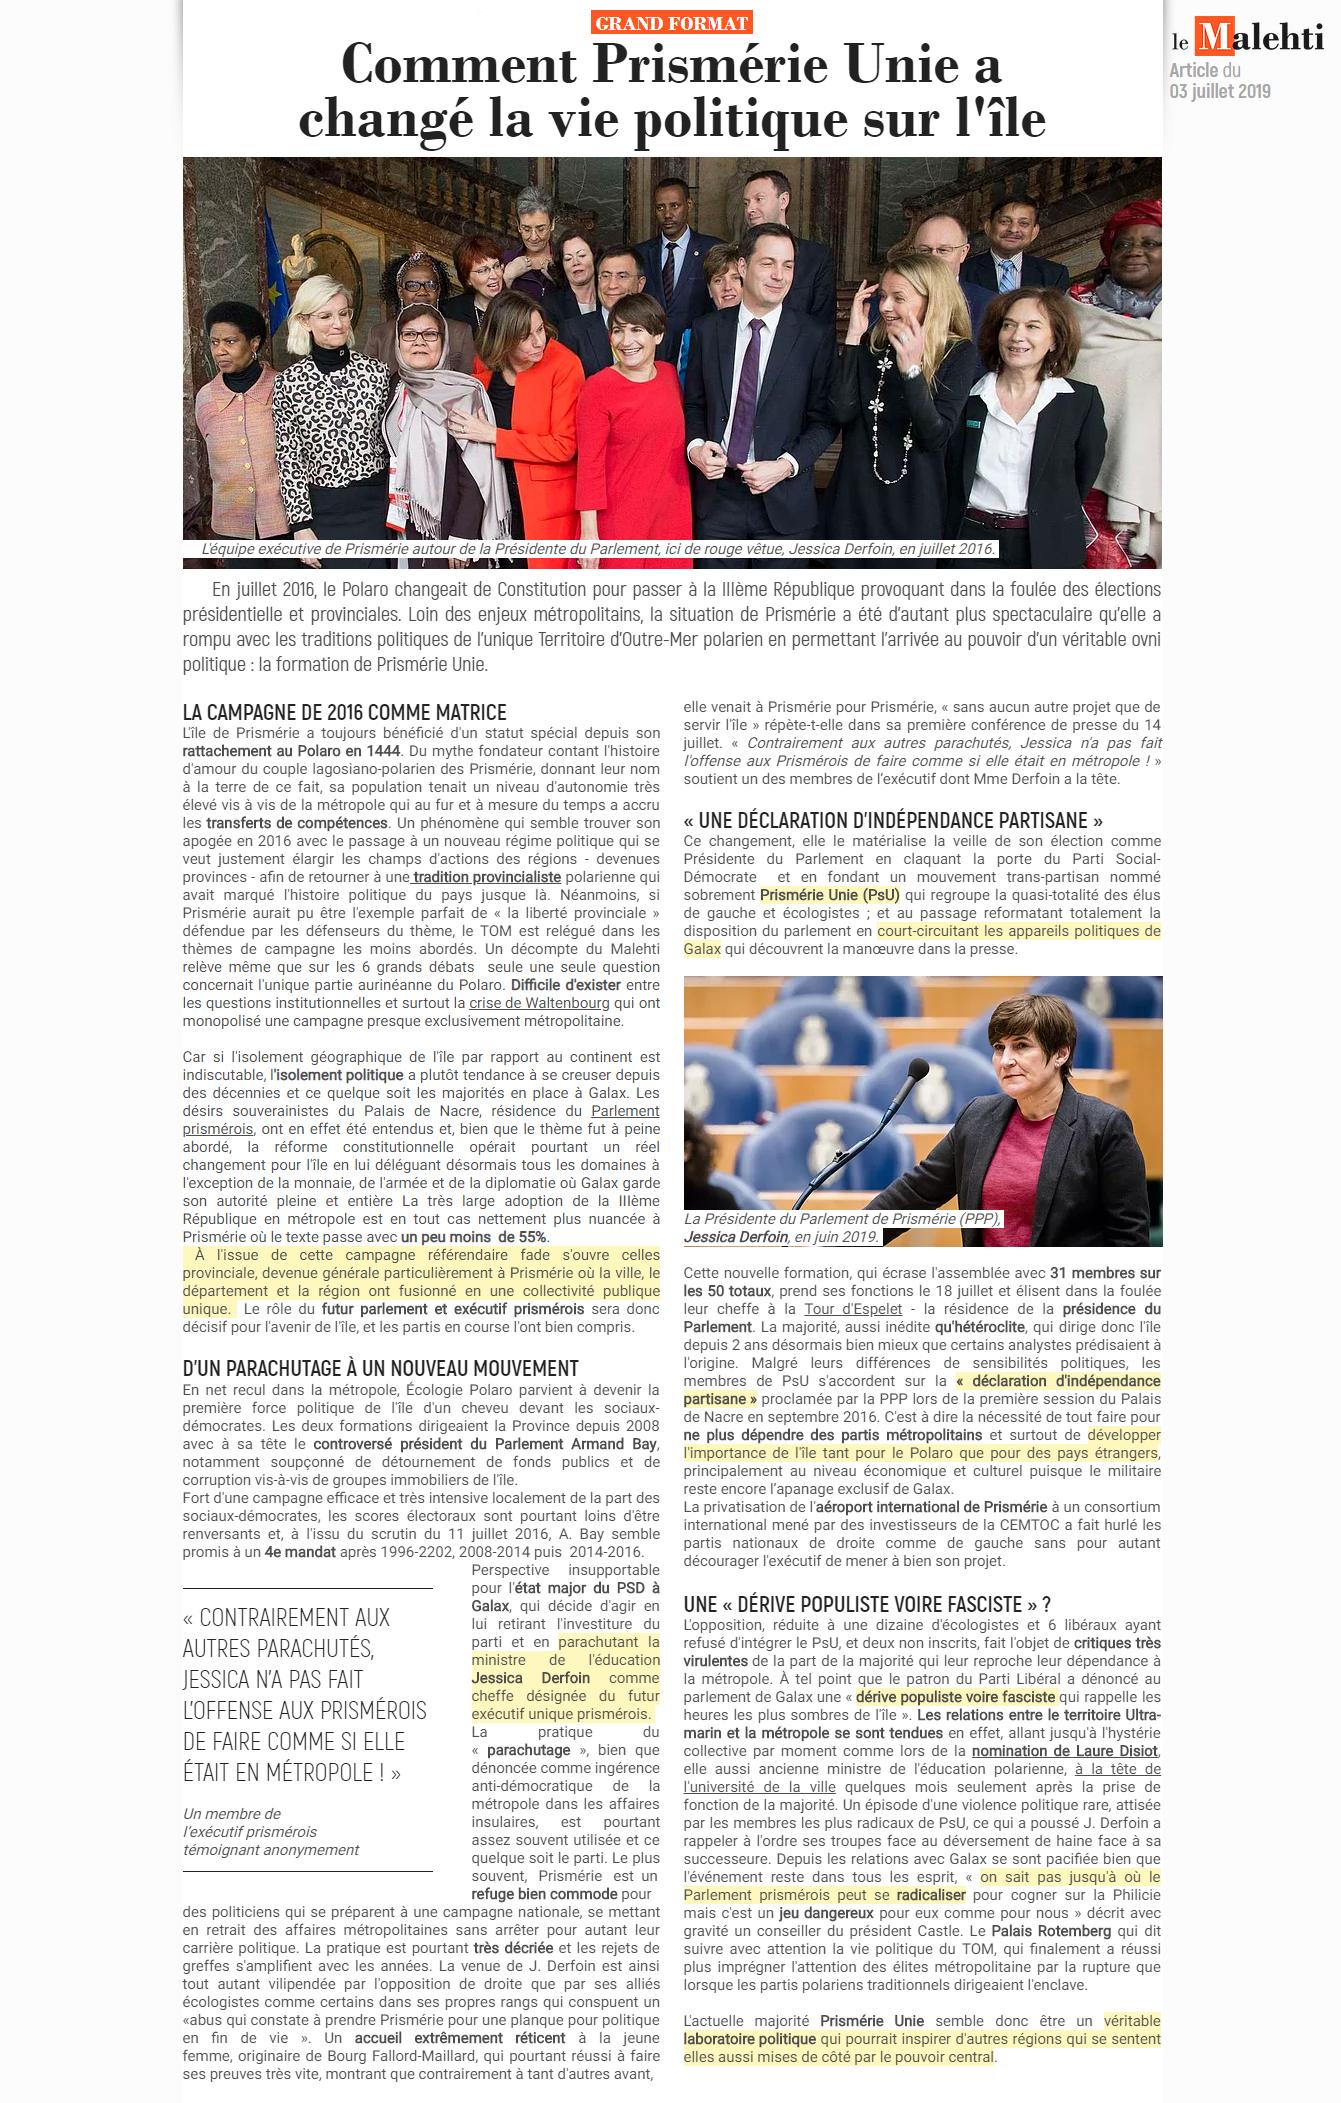 Malehti - Page 13 Le_Malehti_Prism%C3%A9rie_1